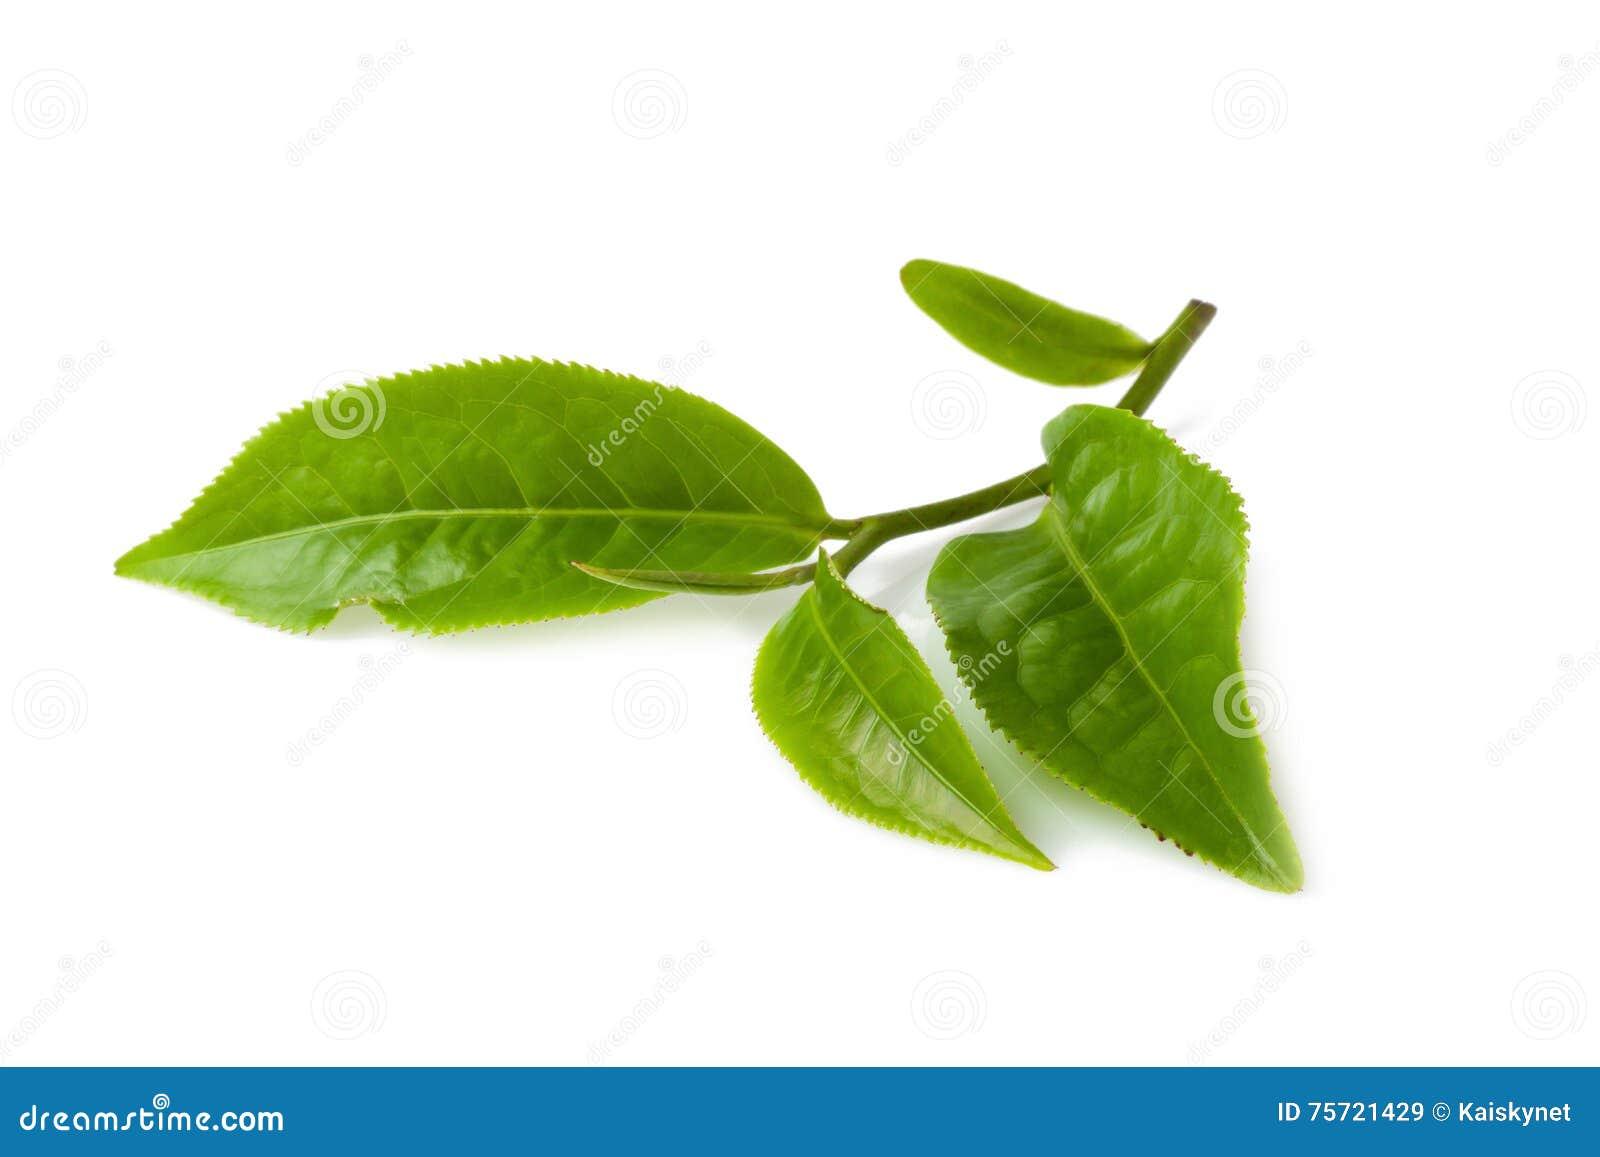 Лист зеленого чая изолированные на белой предпосылке